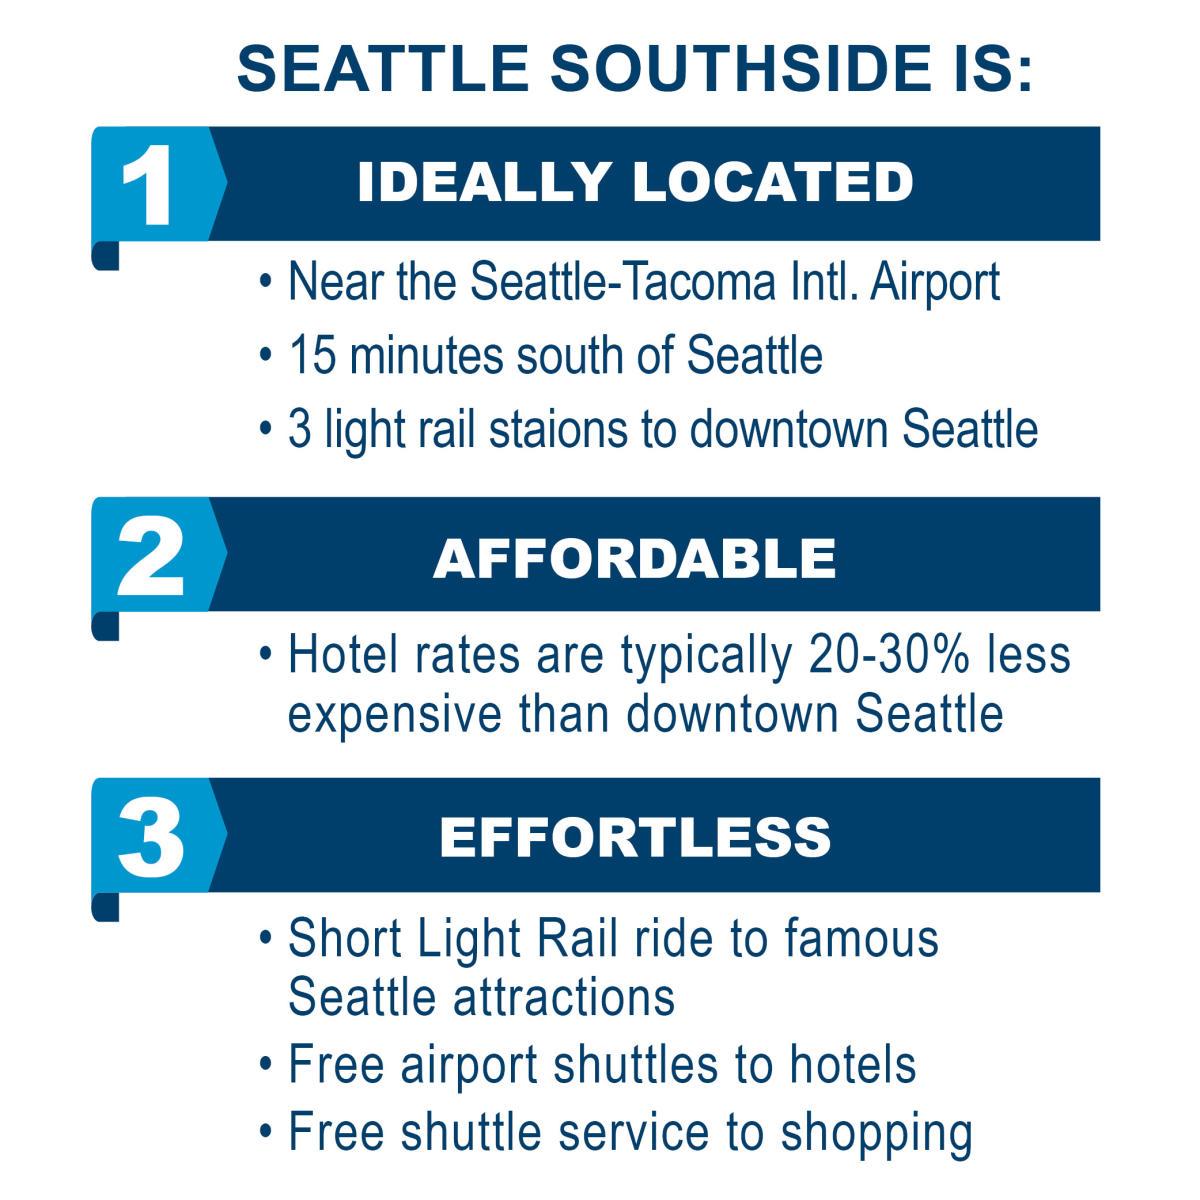 Seattle Southside Is